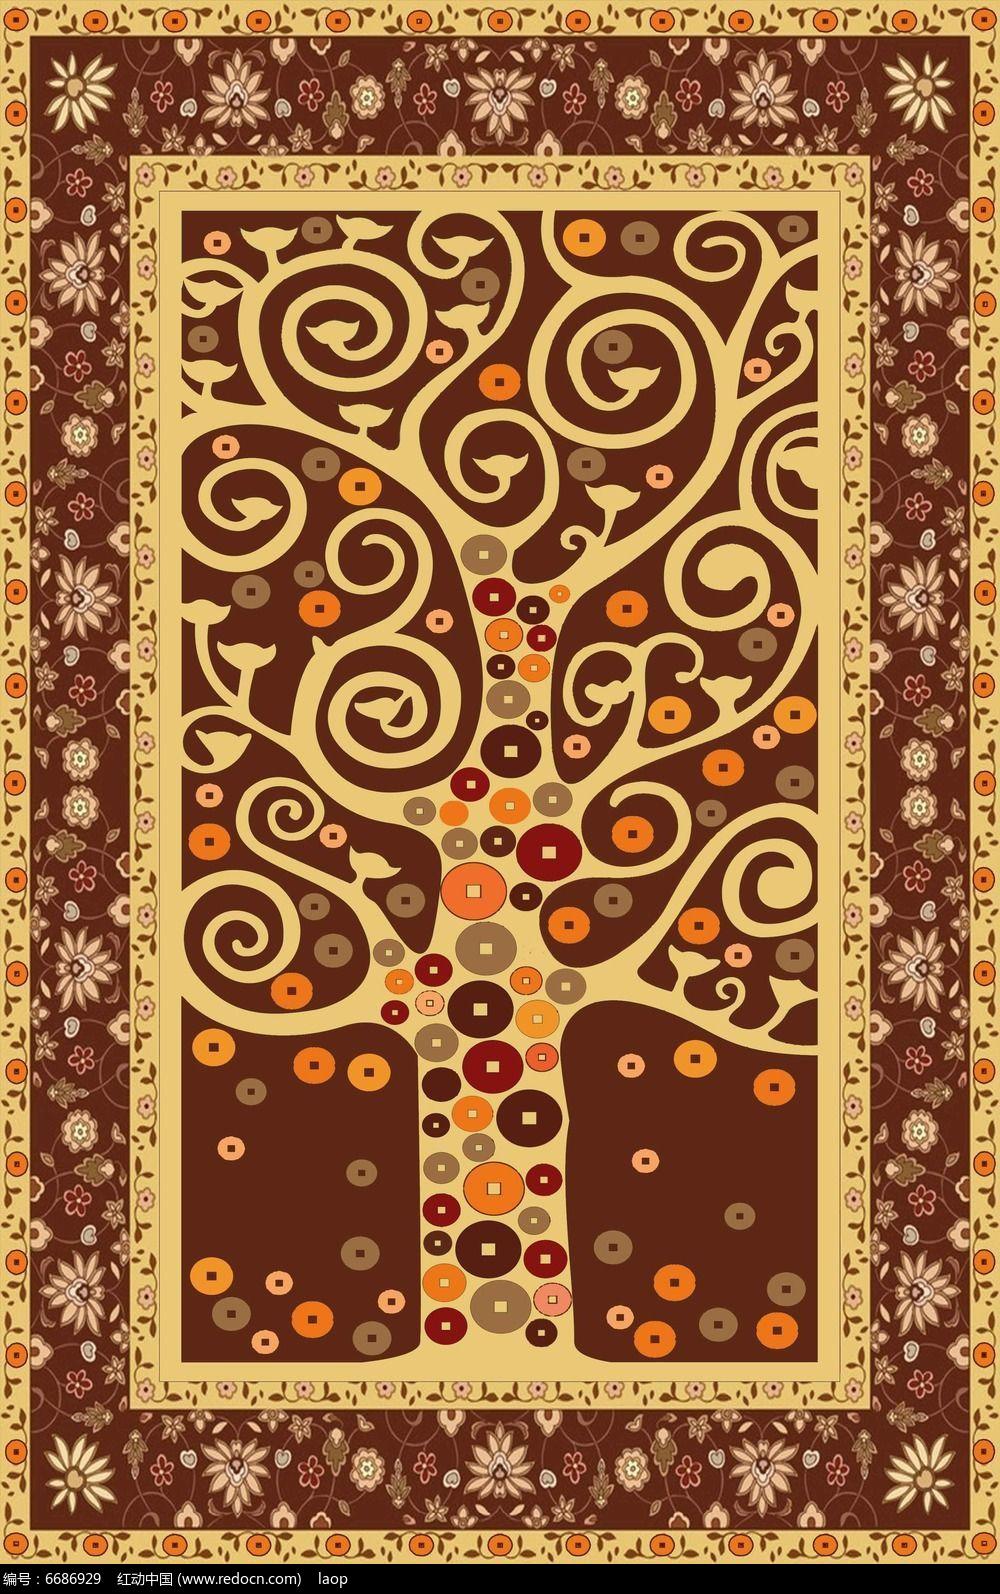 发财树工艺素材图片